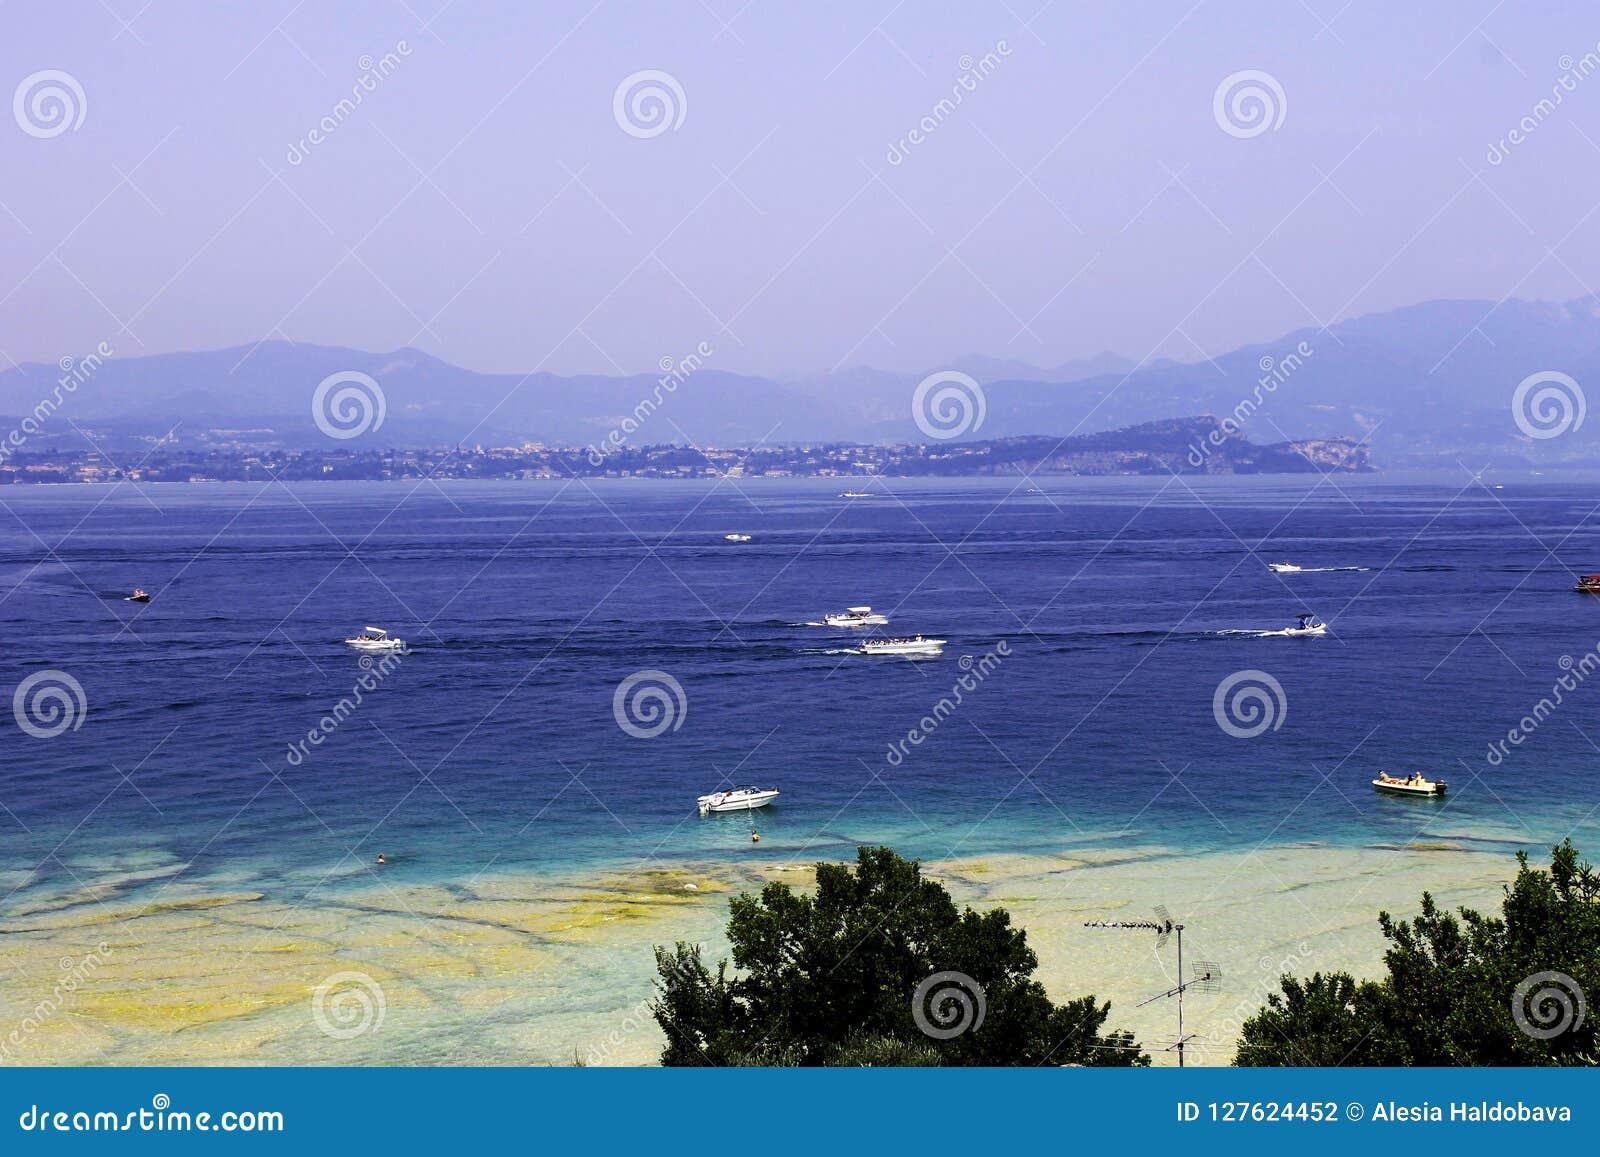 Resort at lake Garda